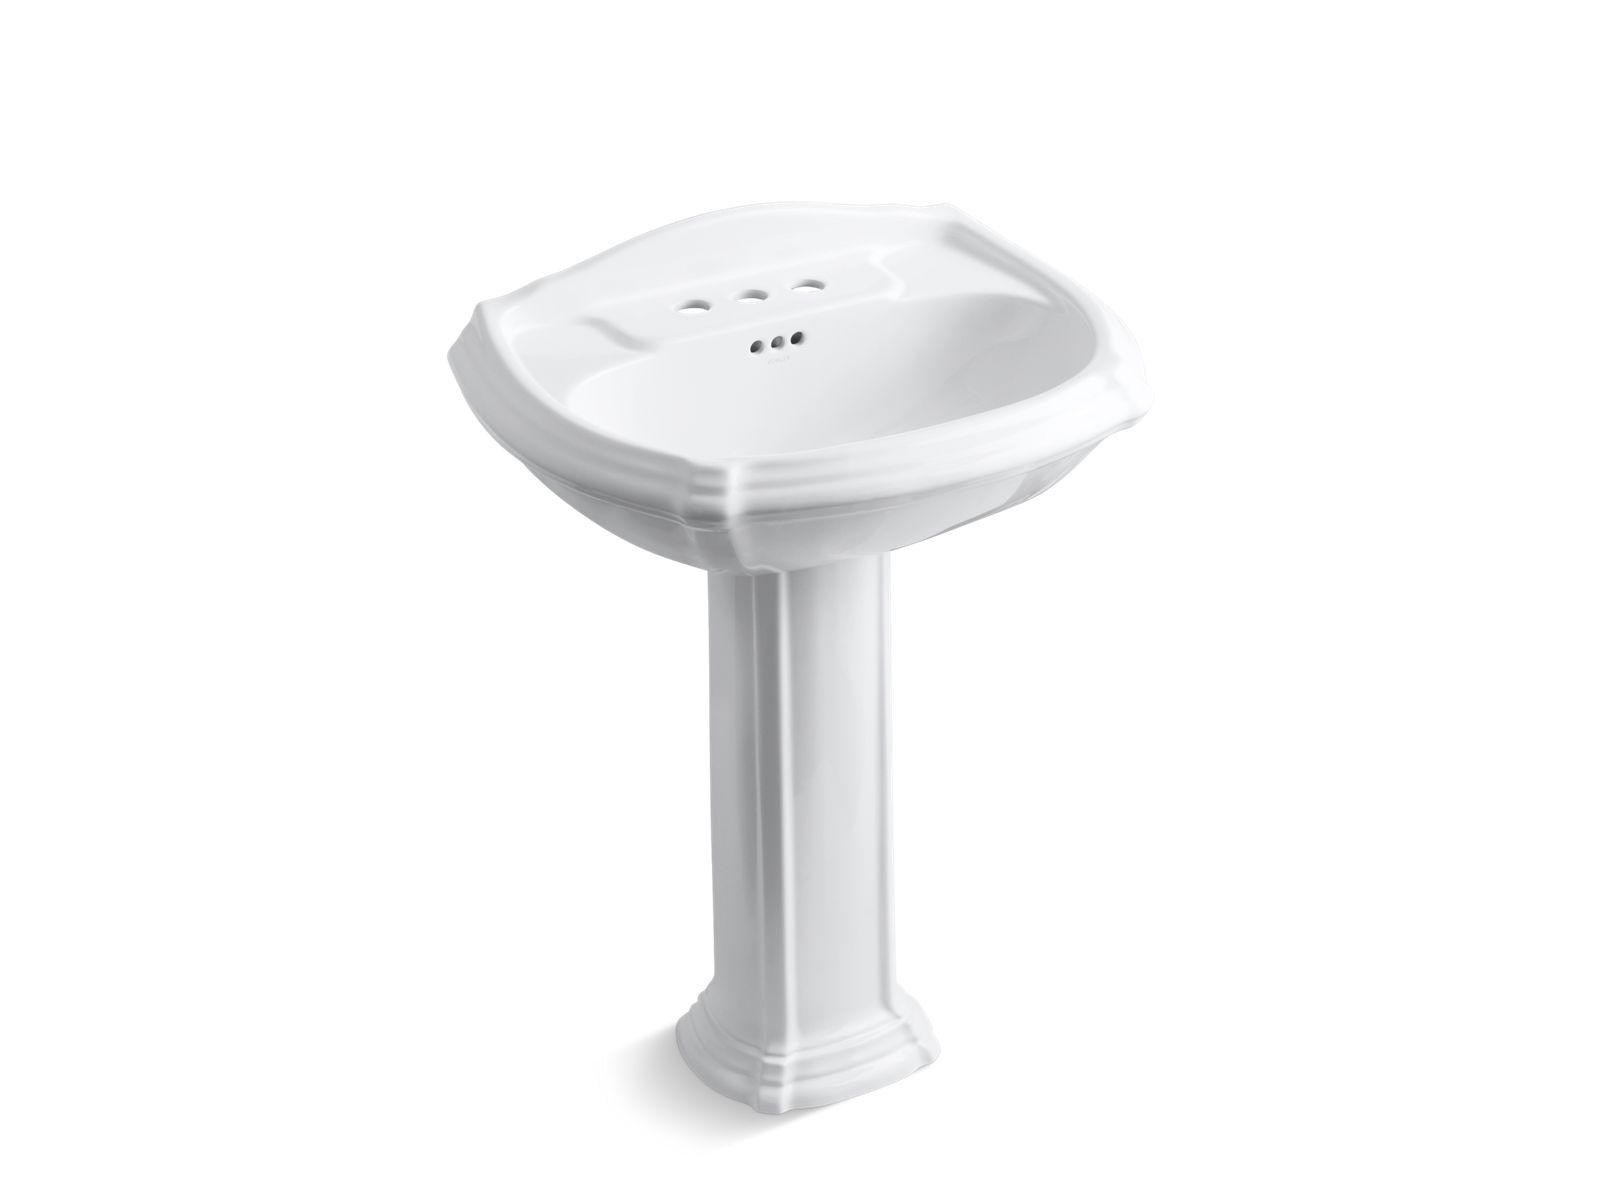 k 2221 4 portrait pedestal sink with